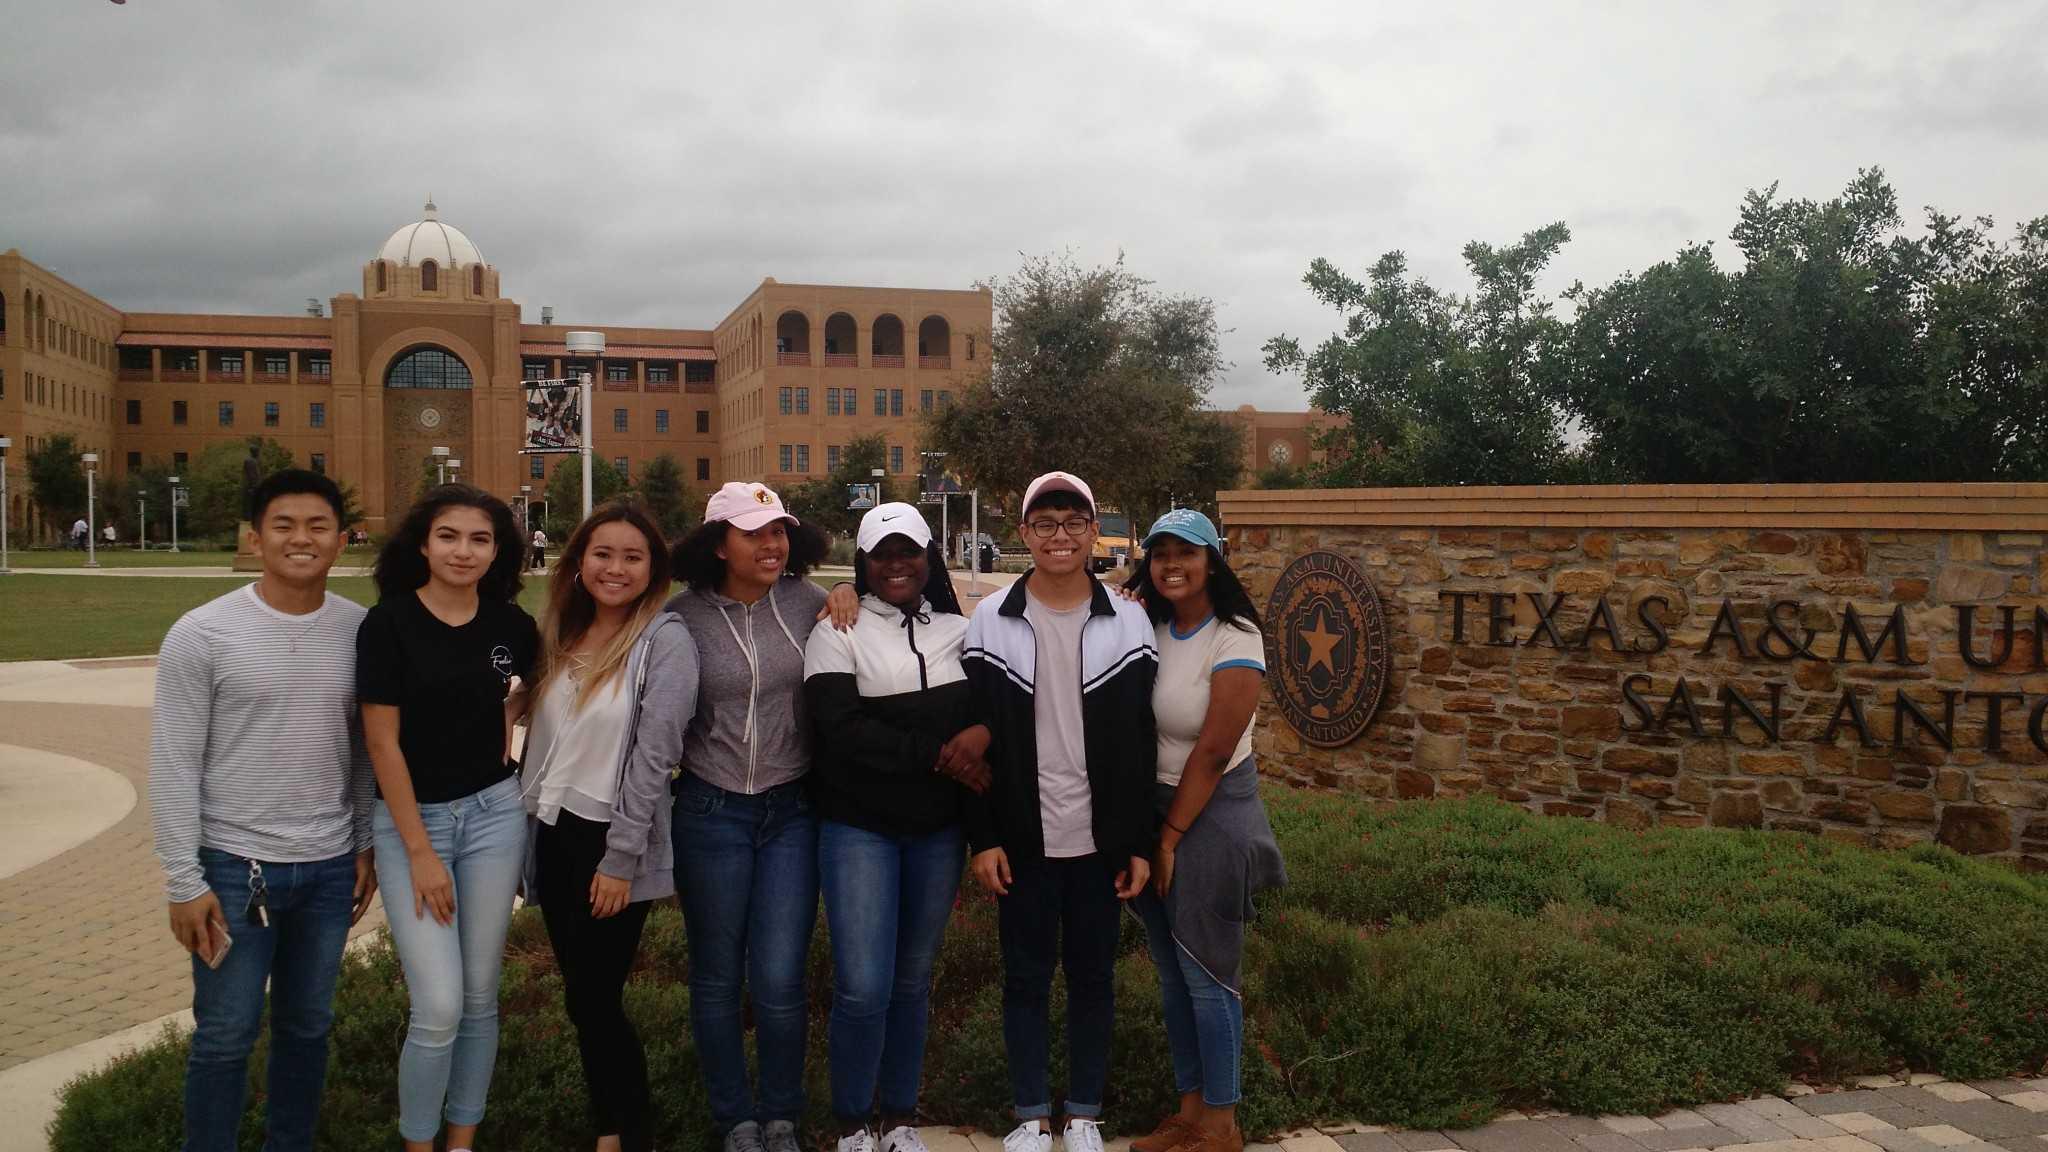 A&M University-San Antonio